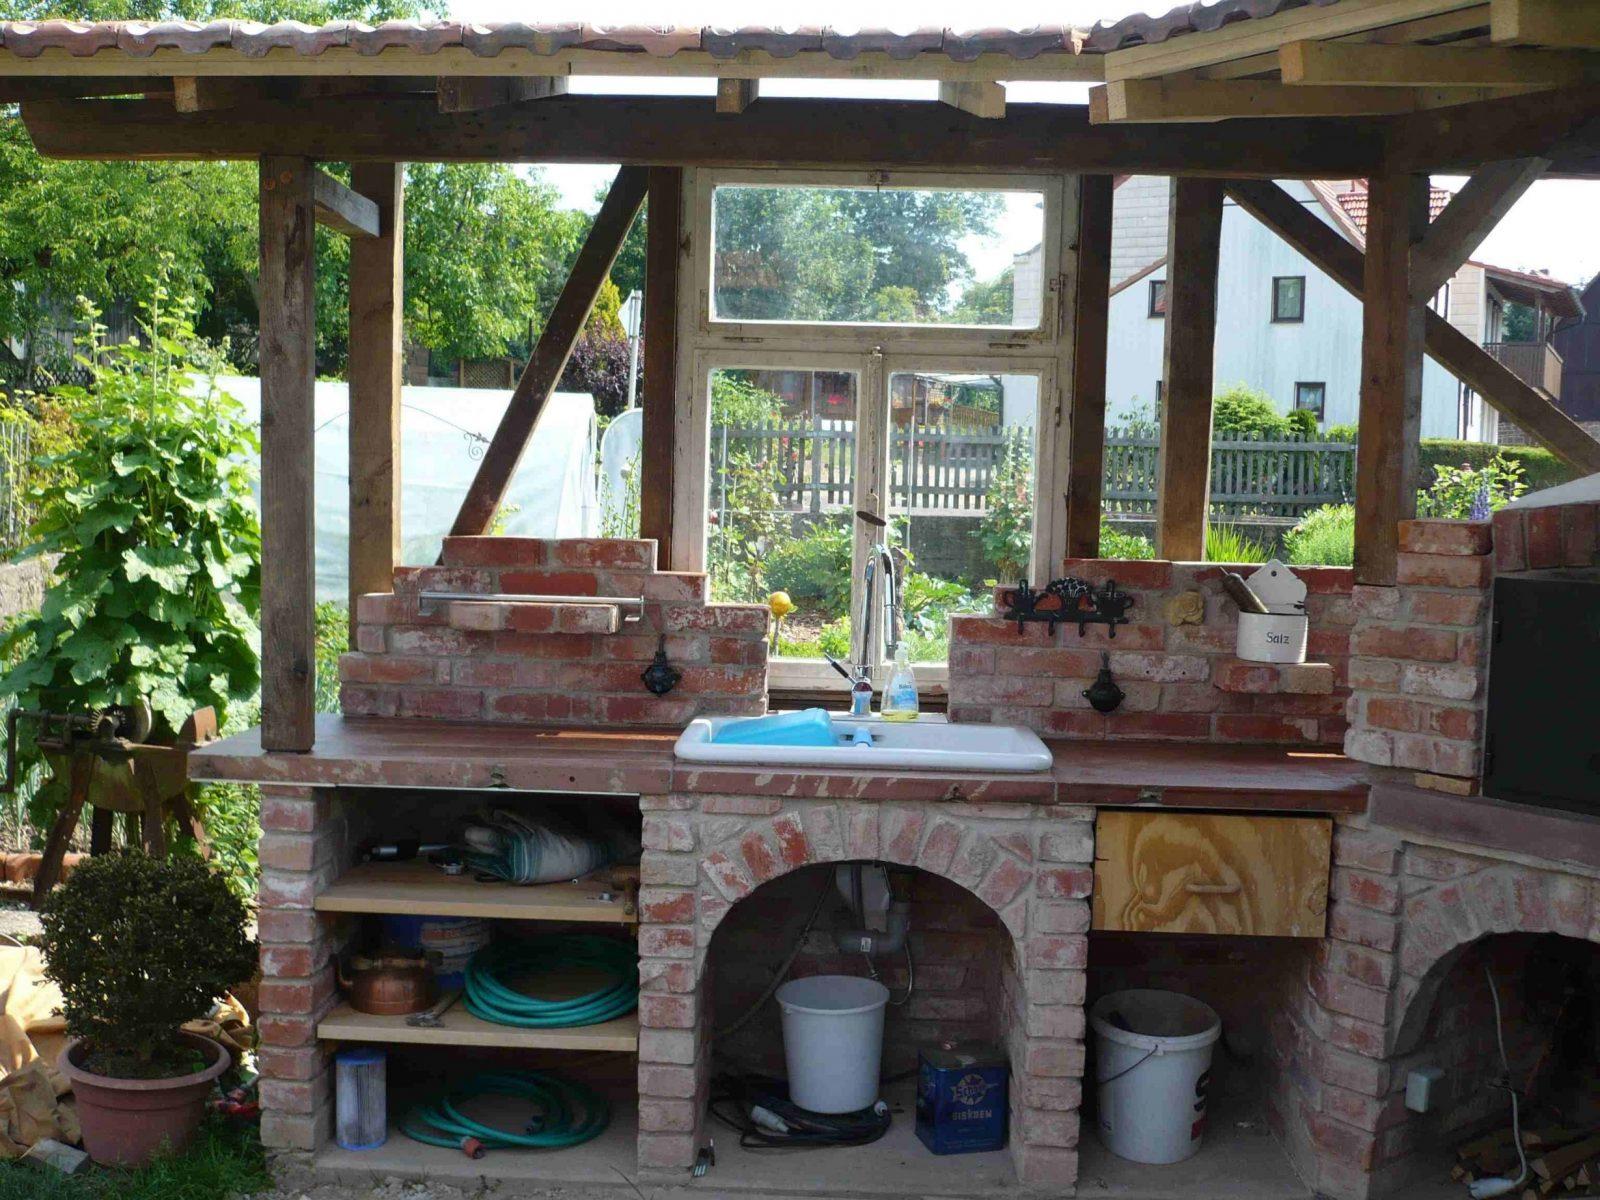 Eine Gemauerte Gartenküche – Mehr Als Nur Ein Grill  Grillfans von Outdoor Küche Selber Bauen Garten Bild